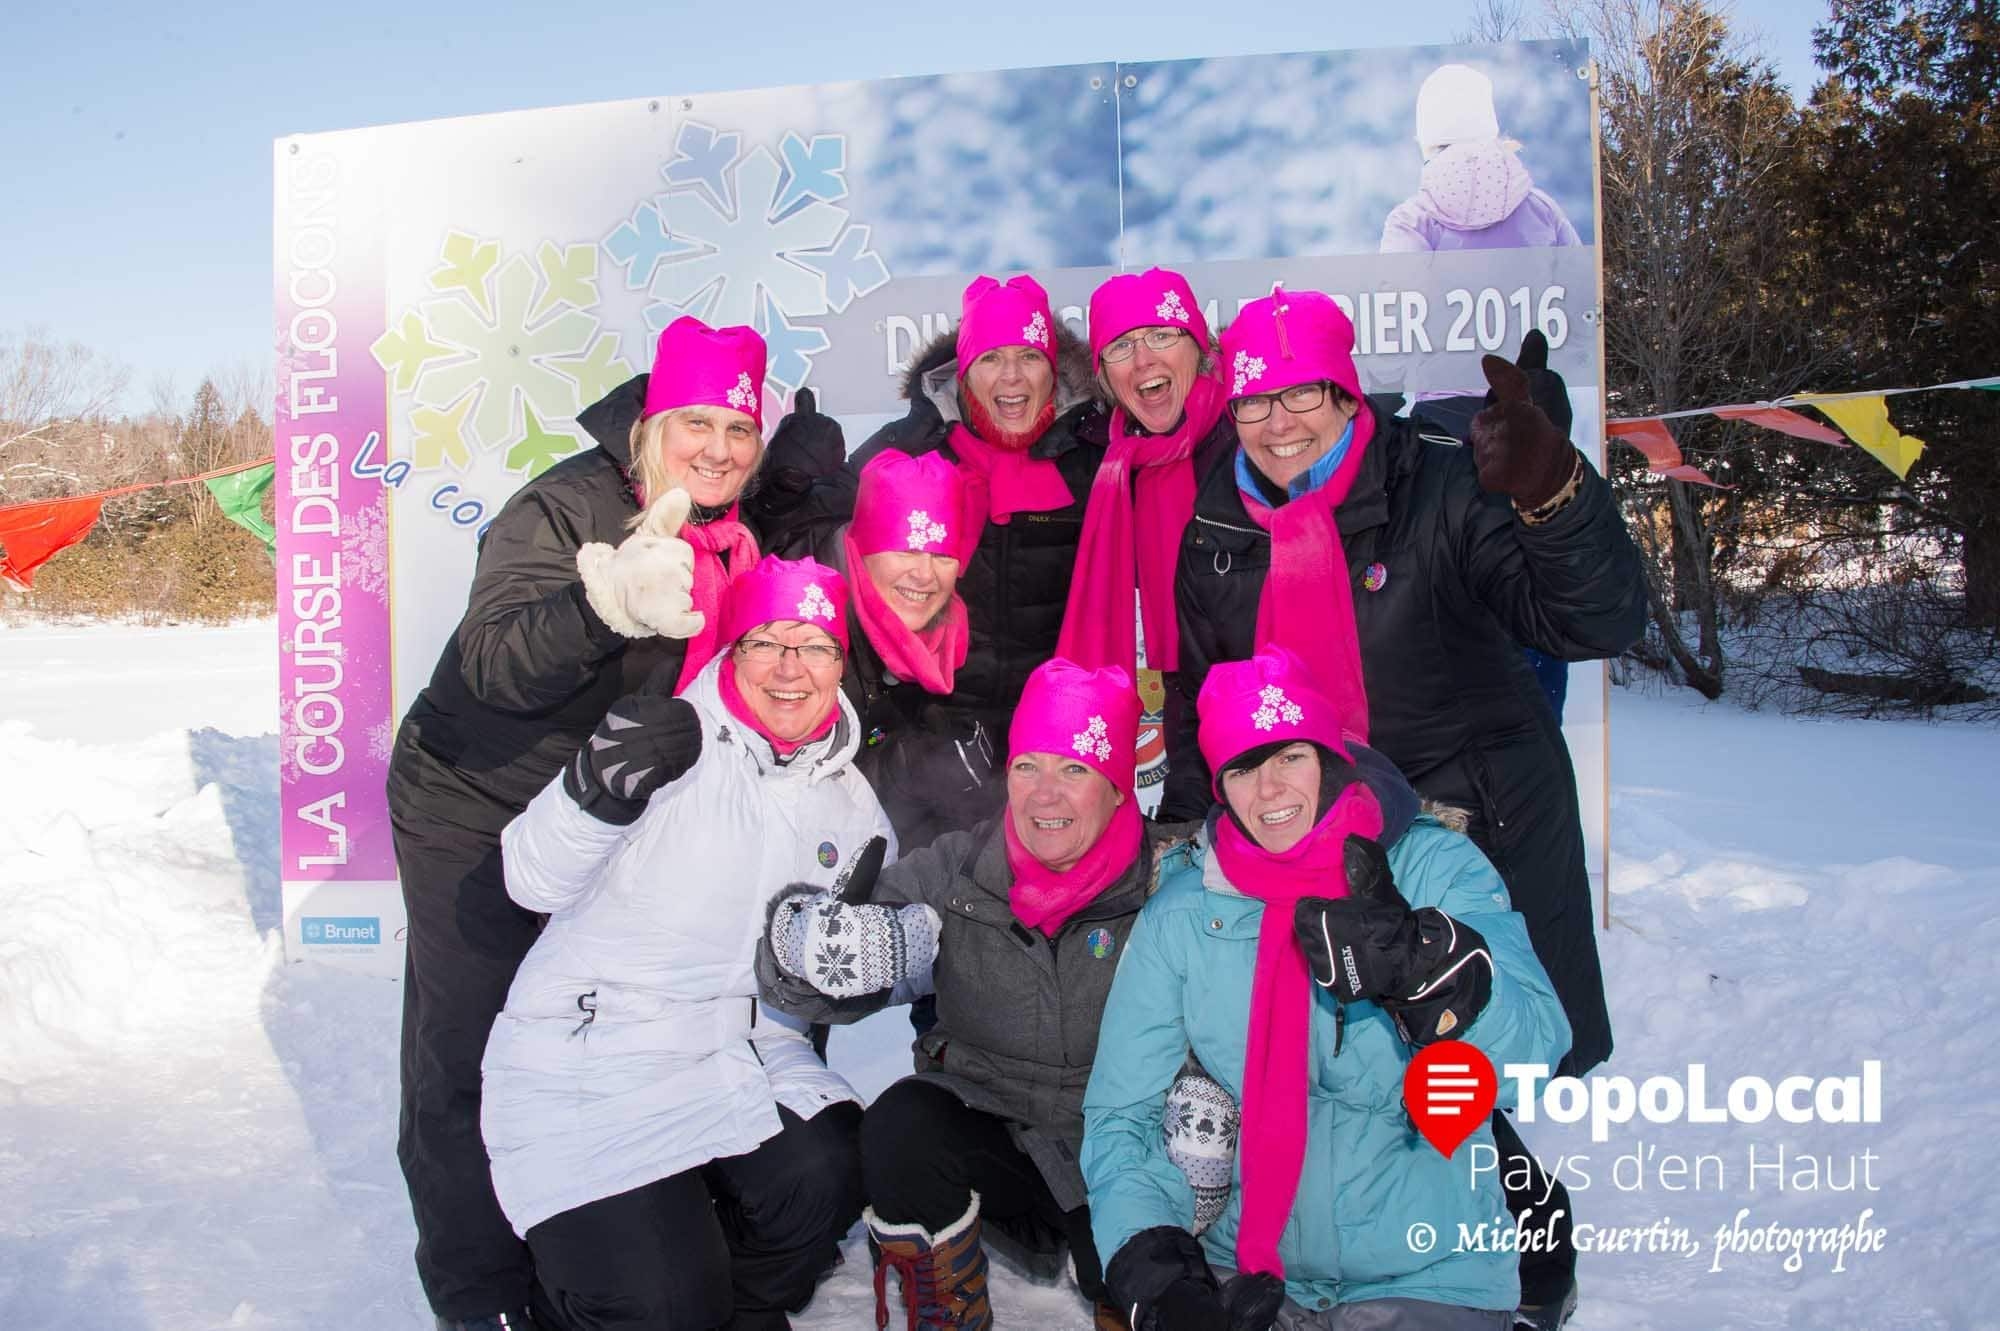 Voici le groupe des « Sa'Coches » qui a fait de cet événement une réussite. Il s'agit de Marie-Christine Jaunasse, Diane Senechal, Annie Gauthier, Dominique St-Louis, Nathalie Vallières, Sylvie Tisserant, Danielle Tremblay et Julie Roy.